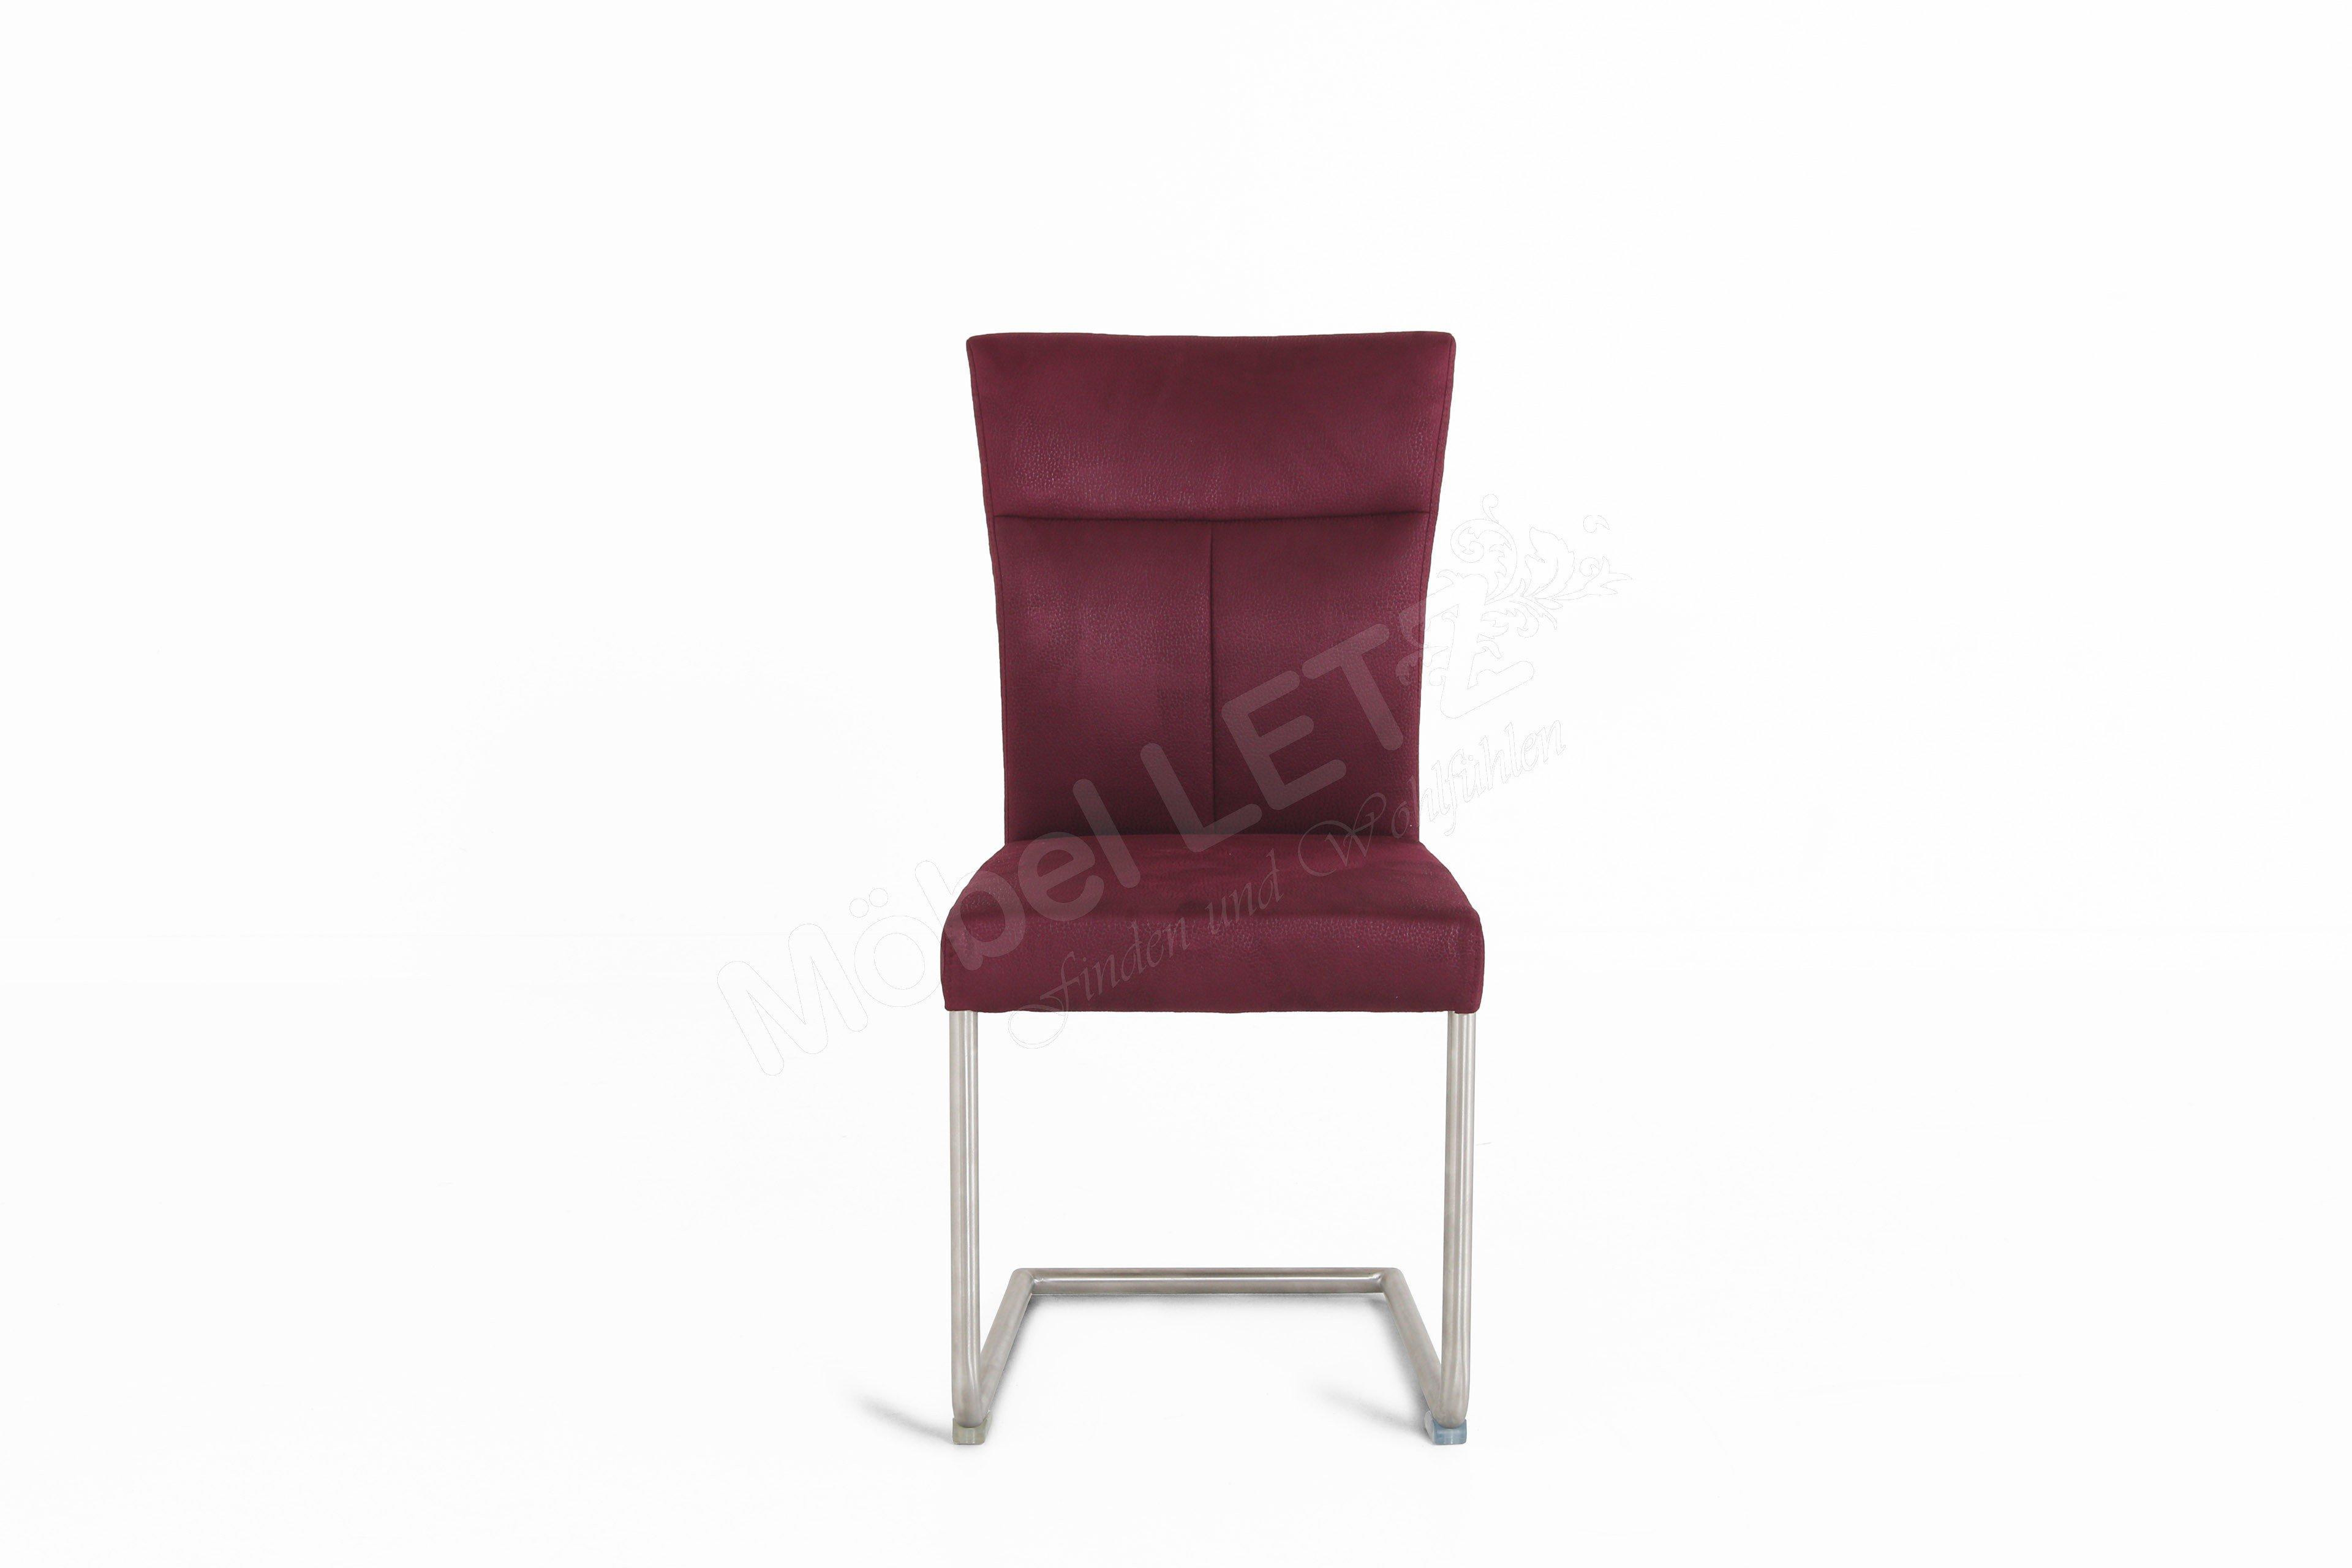 Schön Esszimmer Von Niehoff Sitzmöbel   Tisch 1073, Stuhl 1051 U0026 1071